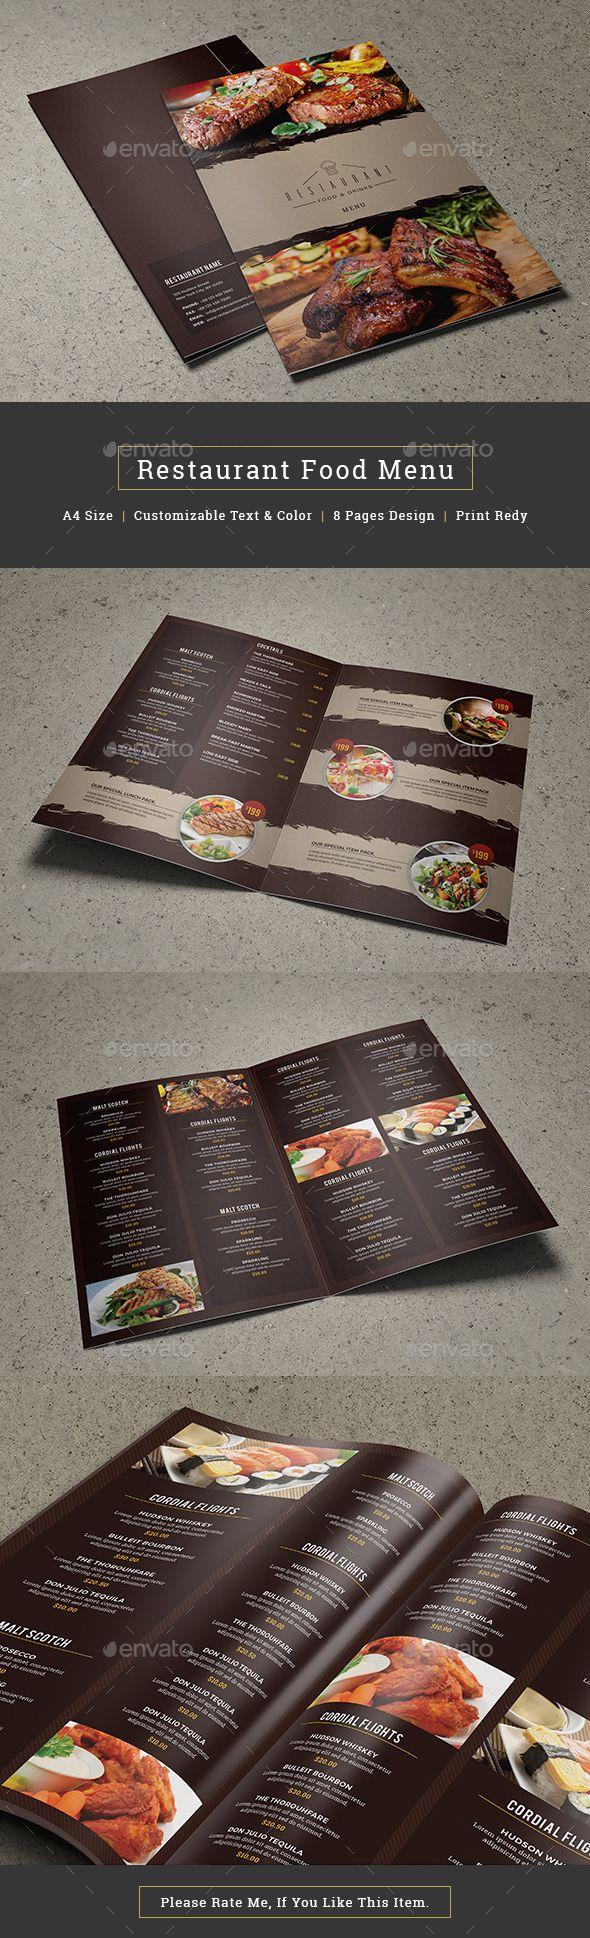 Restaurant Food Menu Food Menus Print